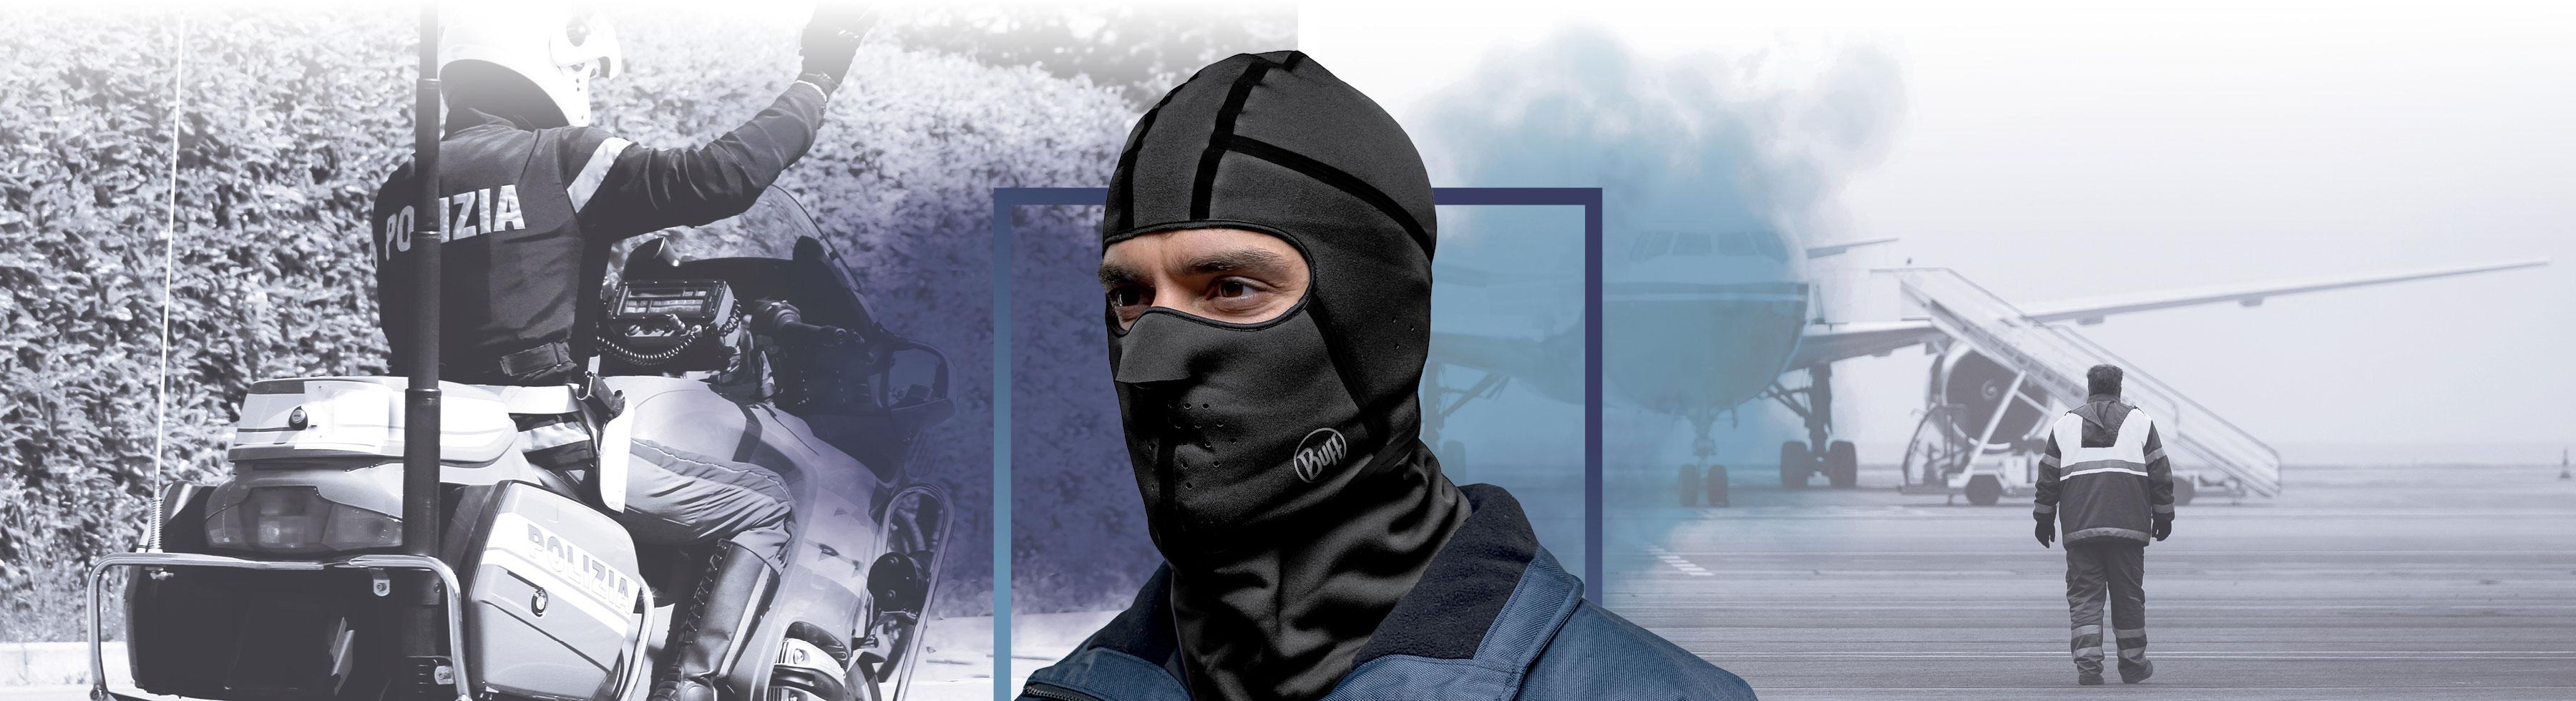 BUFF - Windproof Balaclava - Balaclava - Halsedisse - Halsrør - halsbeklædning til industri og professionelle